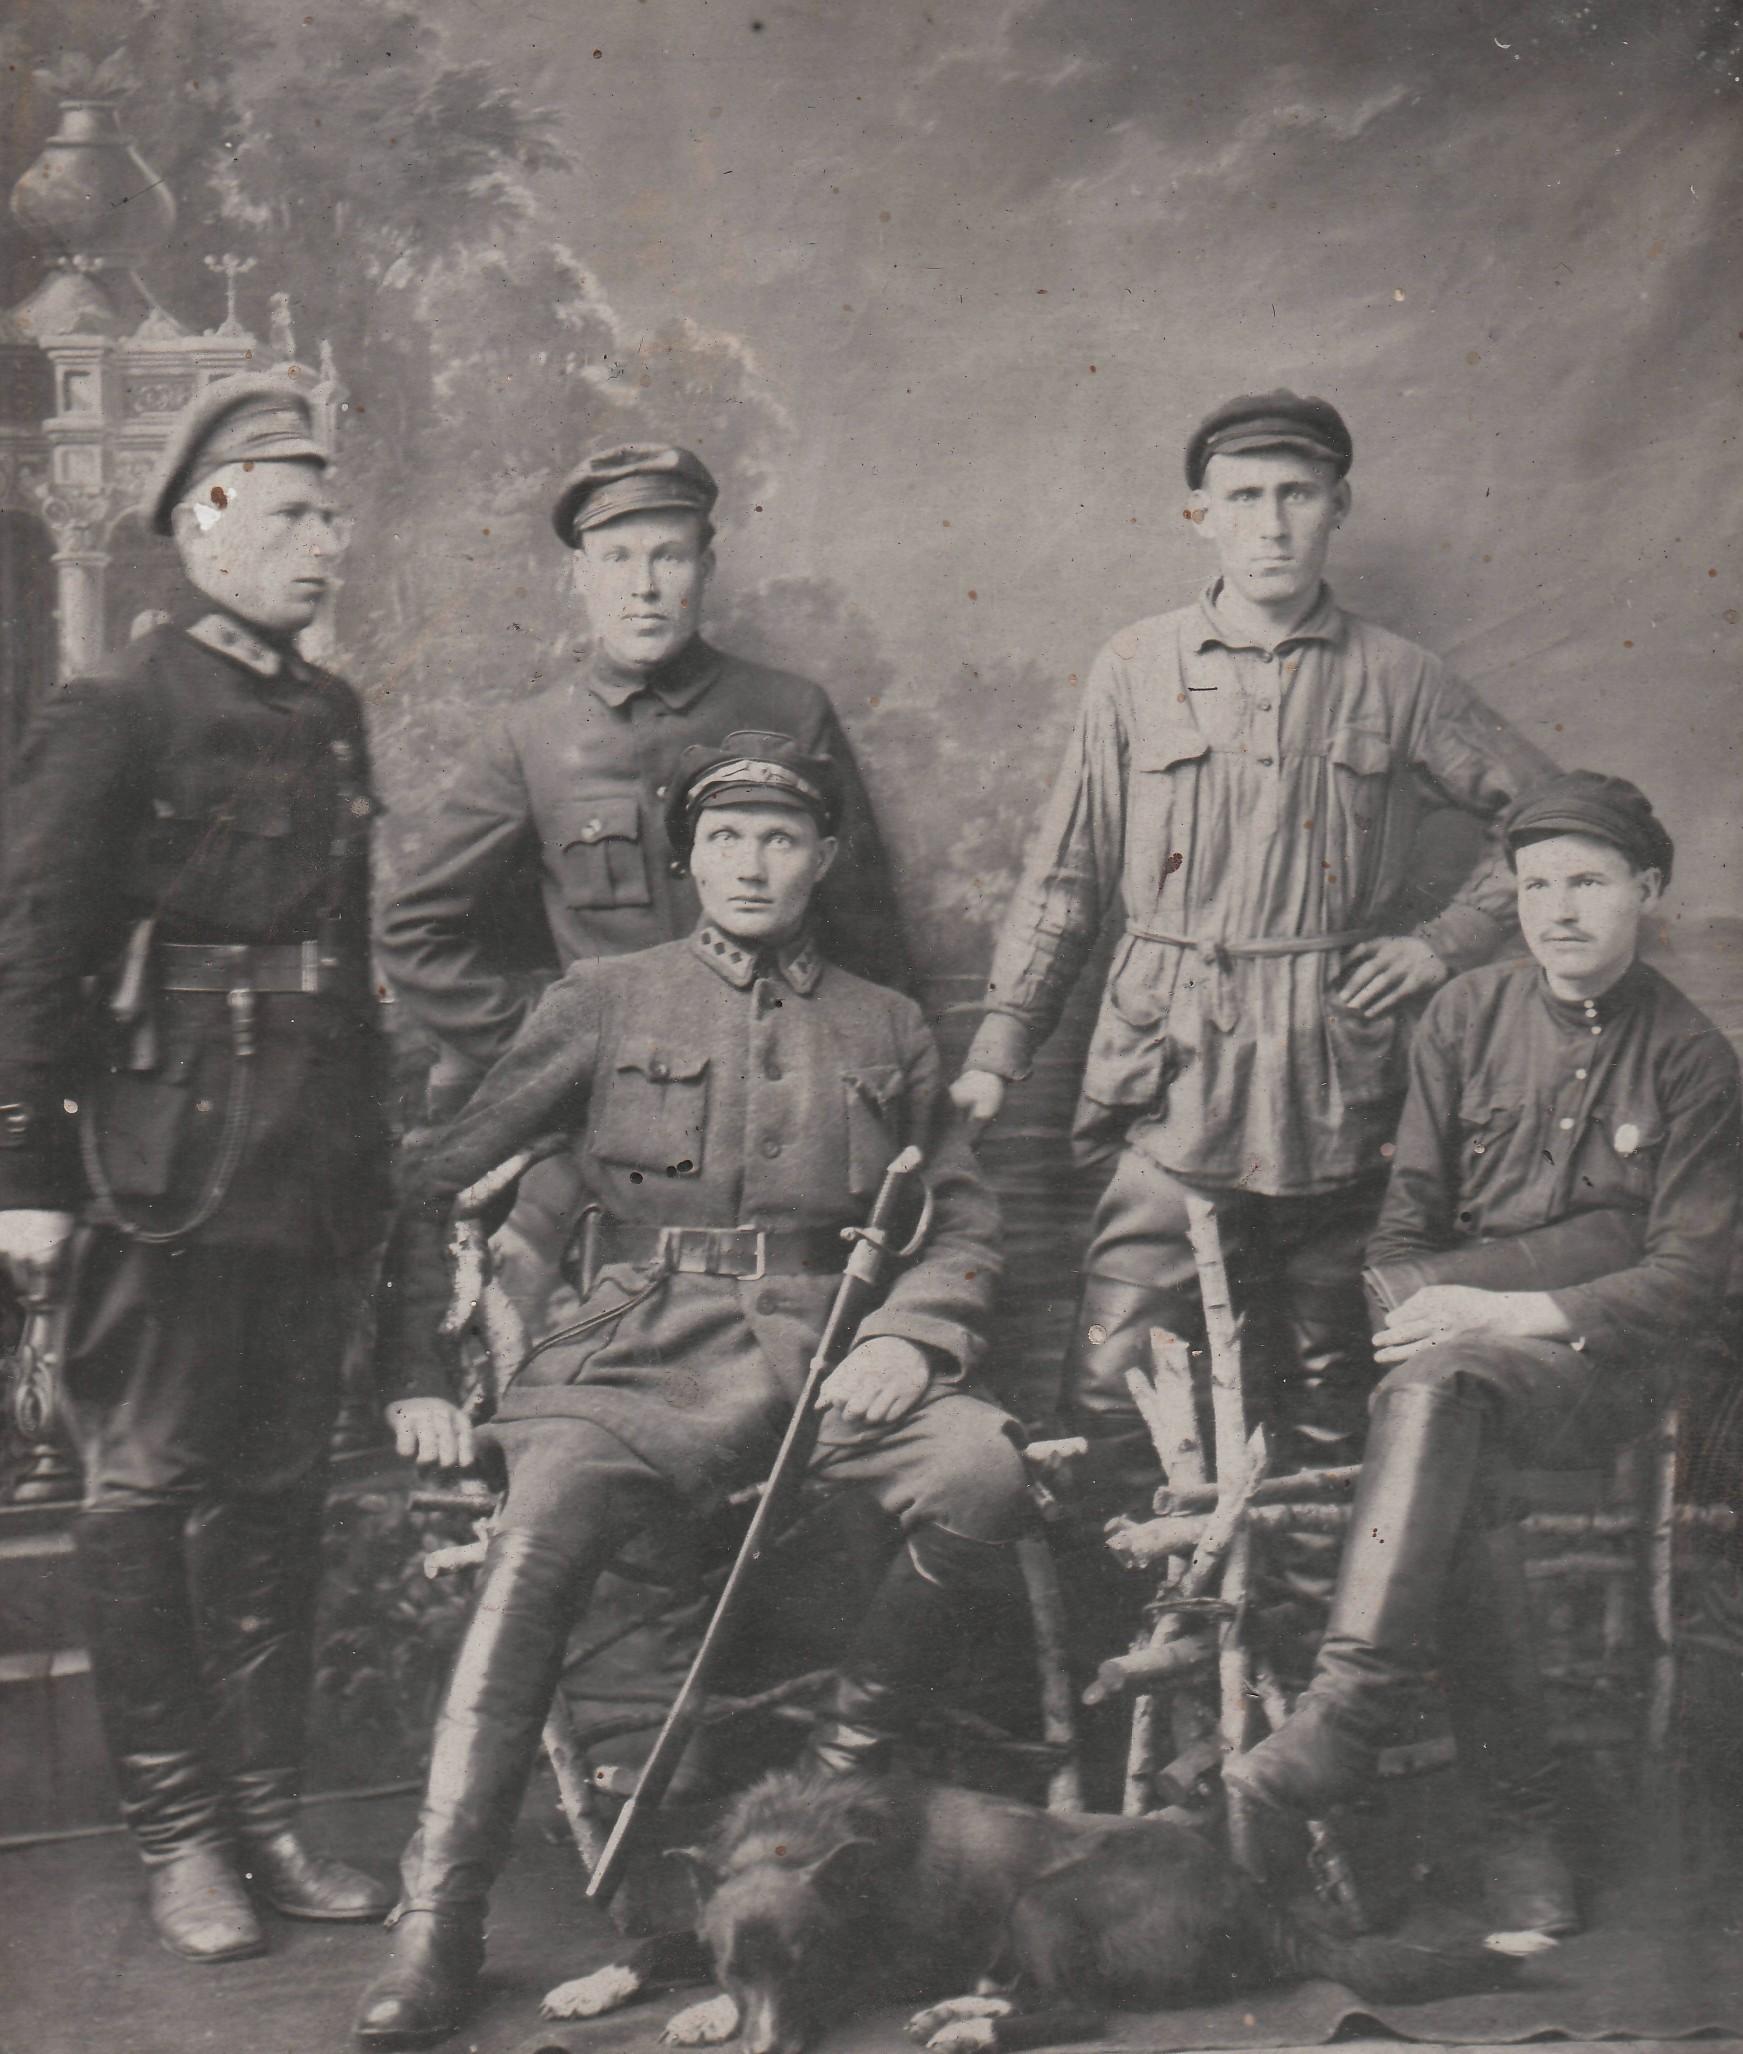 Н. Г. Сормах (сидит в центре). 29 нояб. 1923 г. в г. Советске